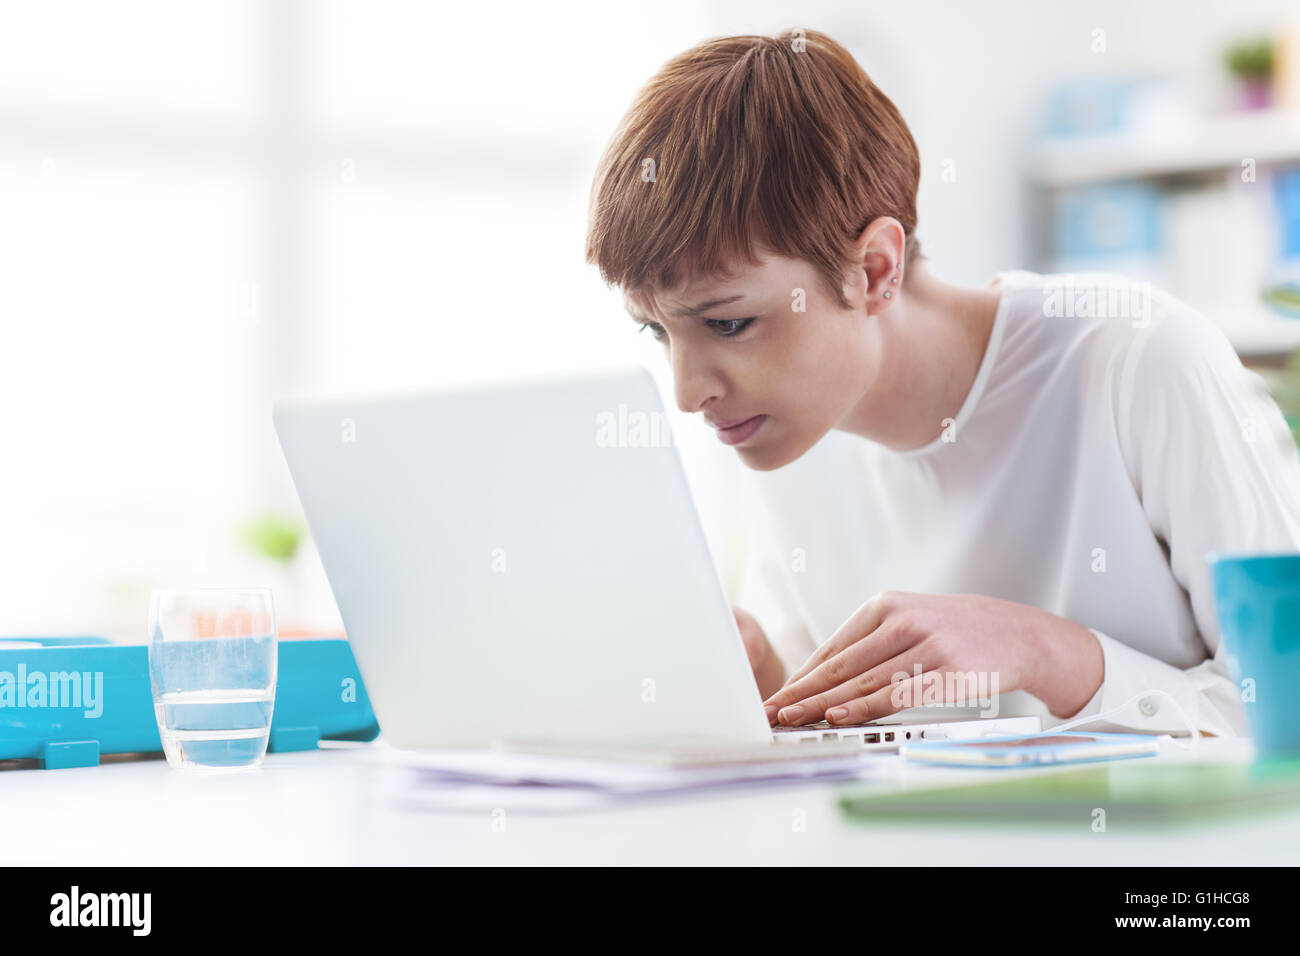 Joven Empresaria trabajando con un portátil, ella se mira demasiado cerca de la pantalla del ordenador, problemas Imagen De Stock